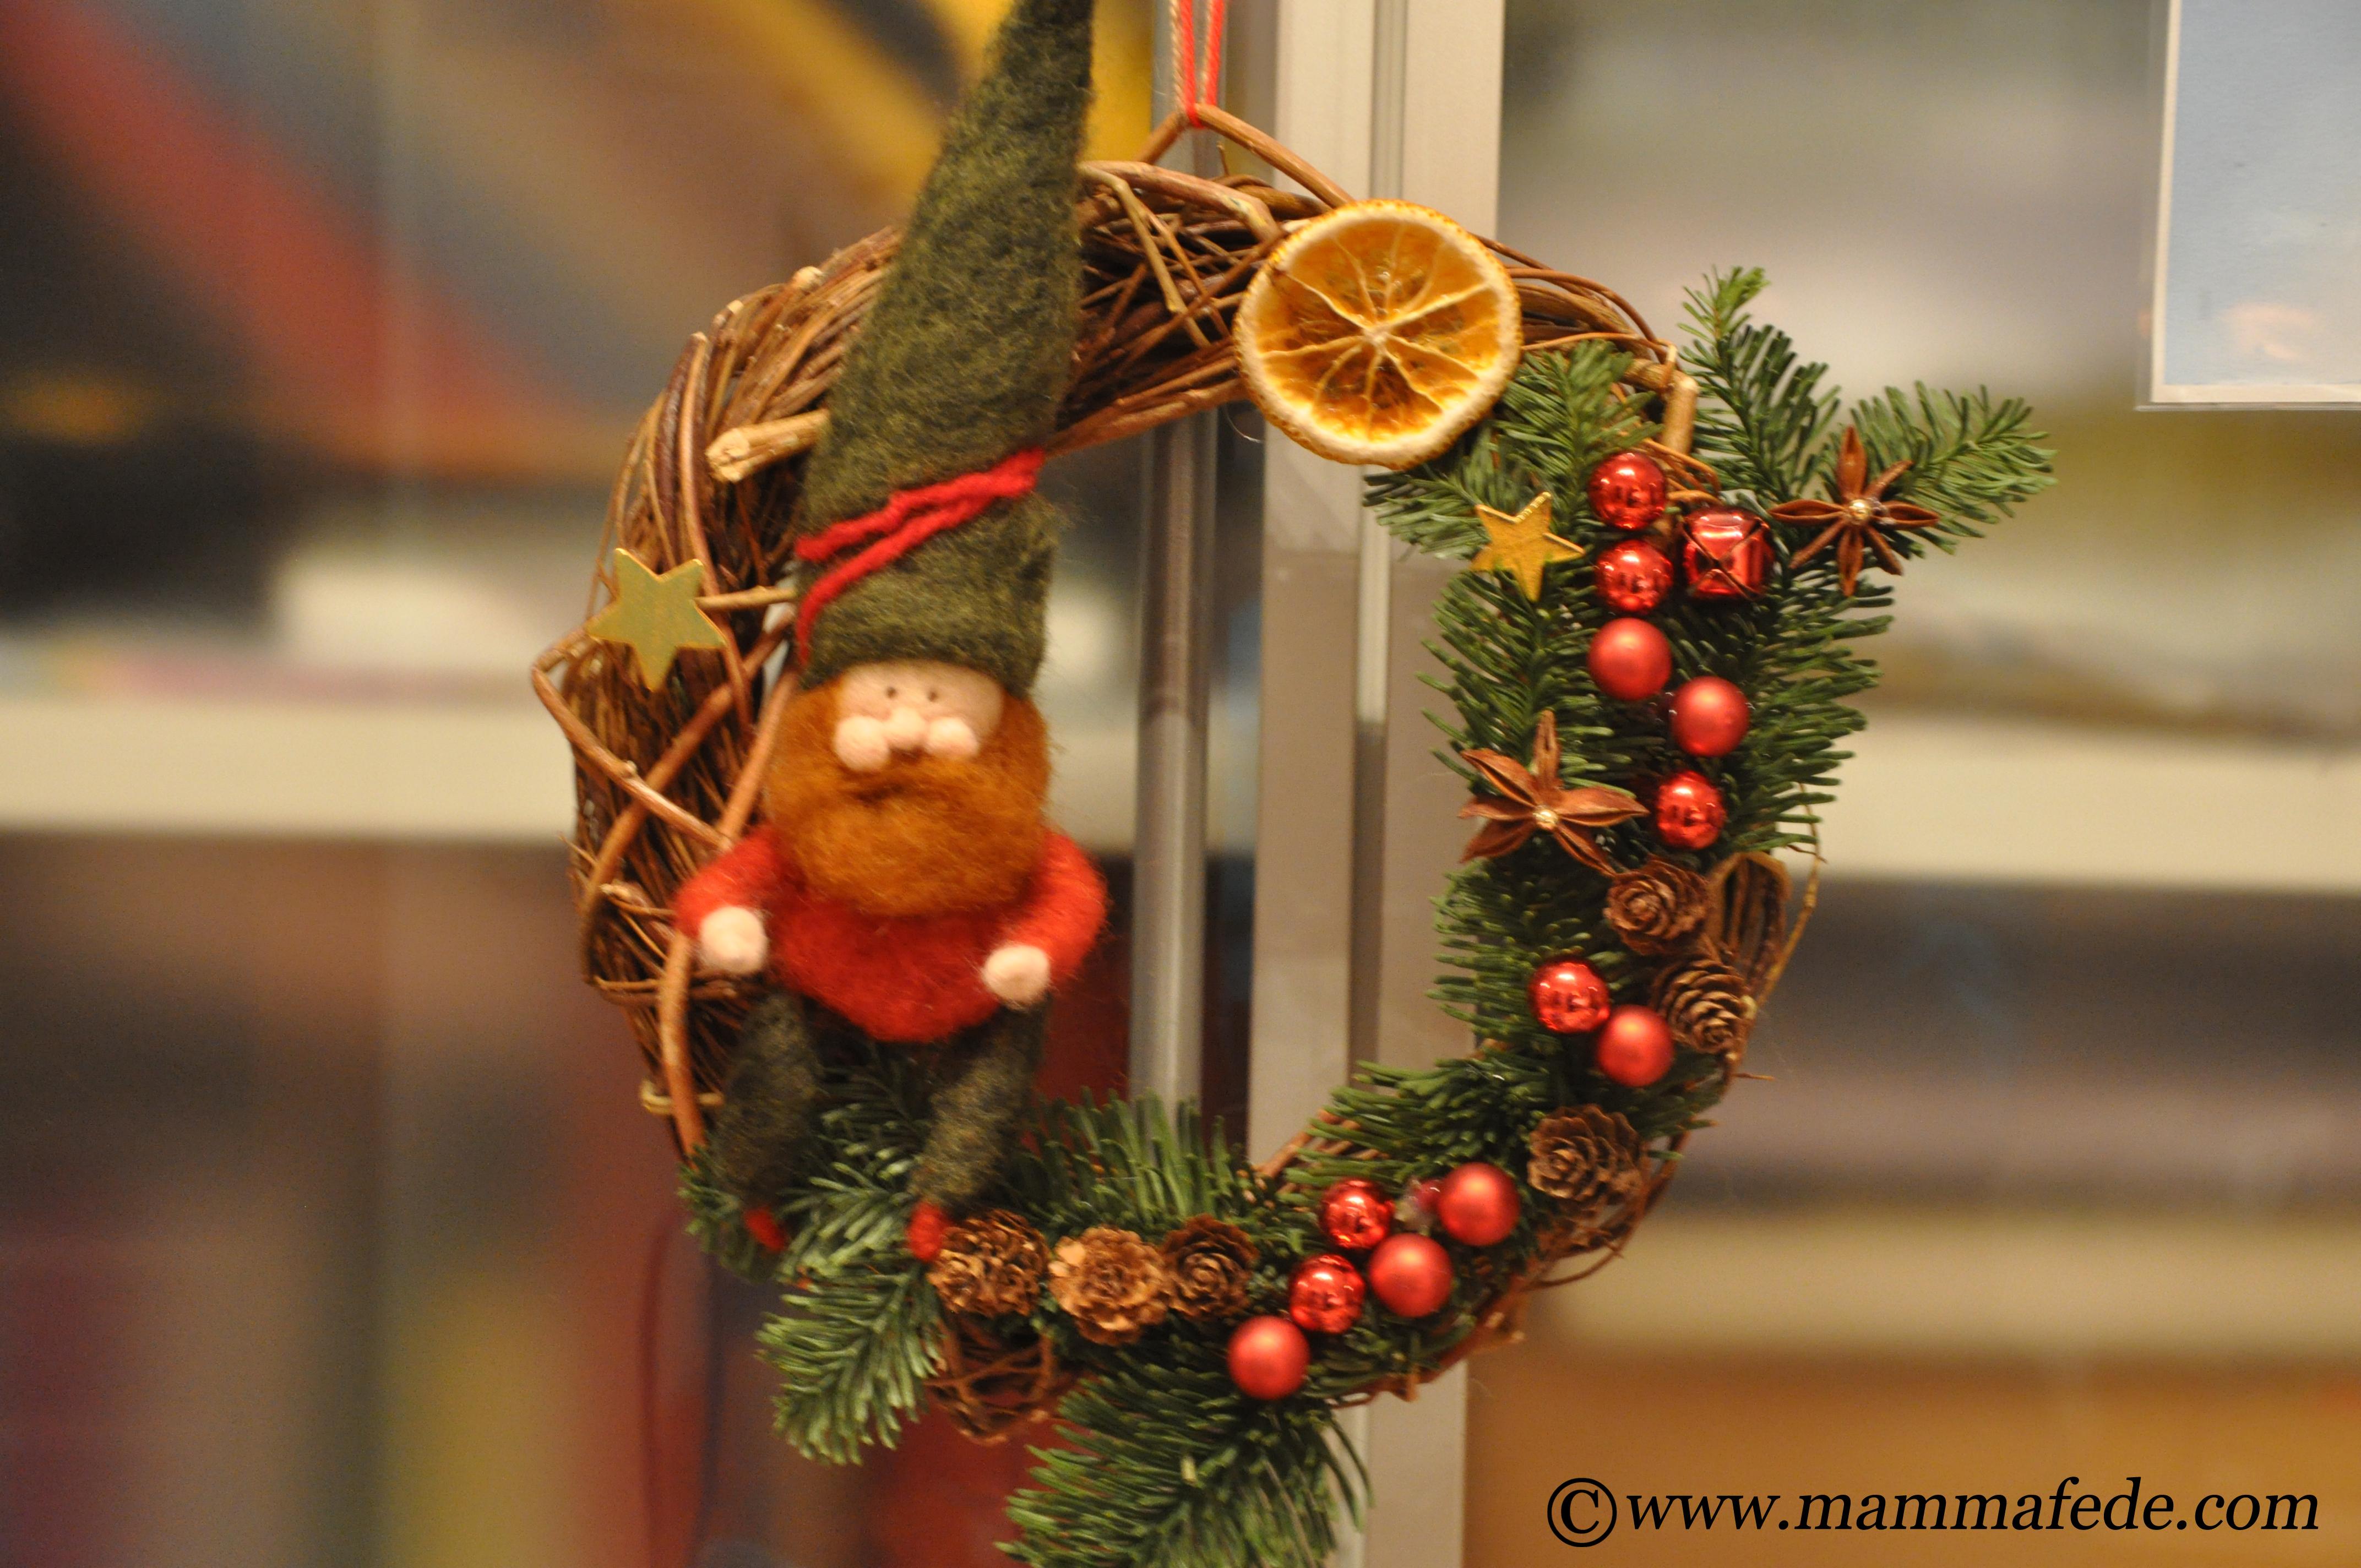 Palline Di Natale Con Rametti i nanetti del natale | mammafede